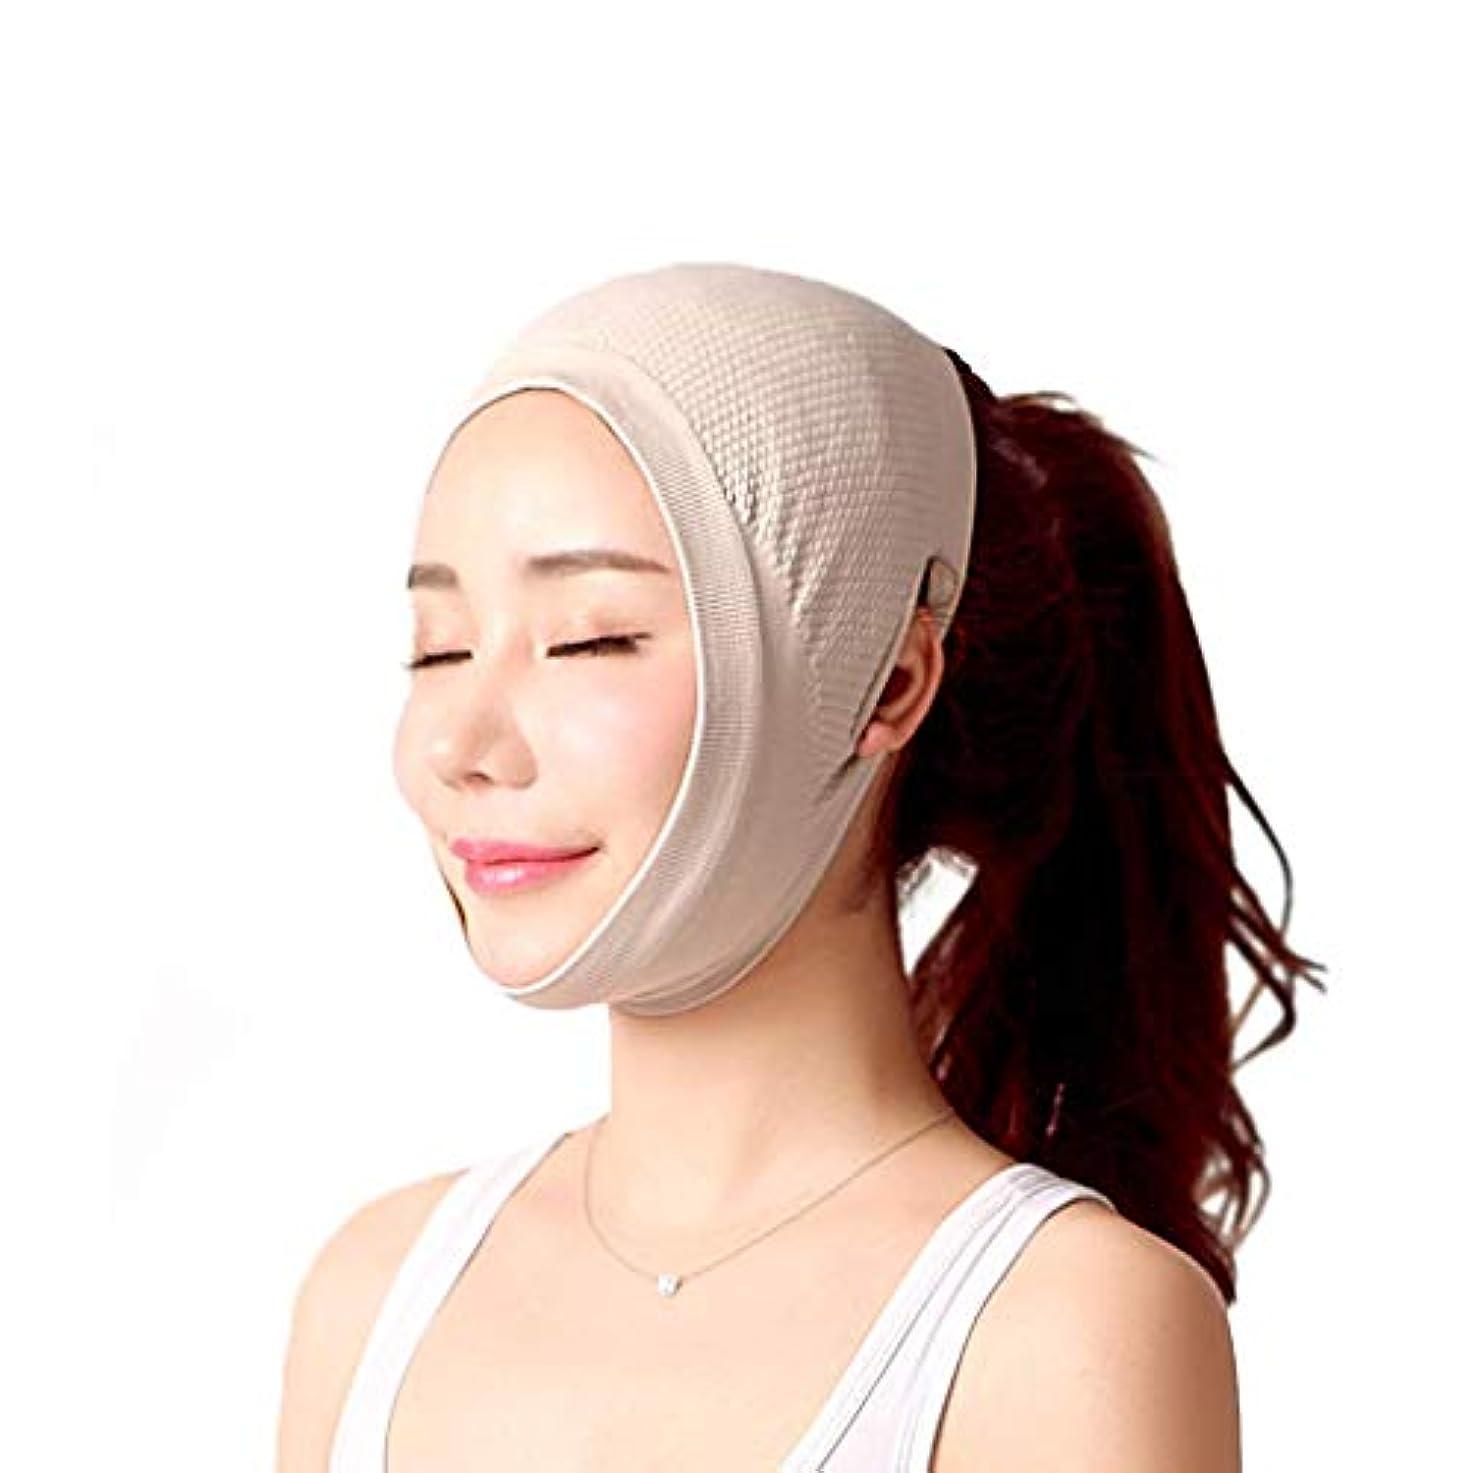 検出するデッドペースト顔痩身包帯、二重あご、二重あごを減らすために顔を持ち上げる、顔を引き締める、体重を減らすためのマスク(ワンサイズ)